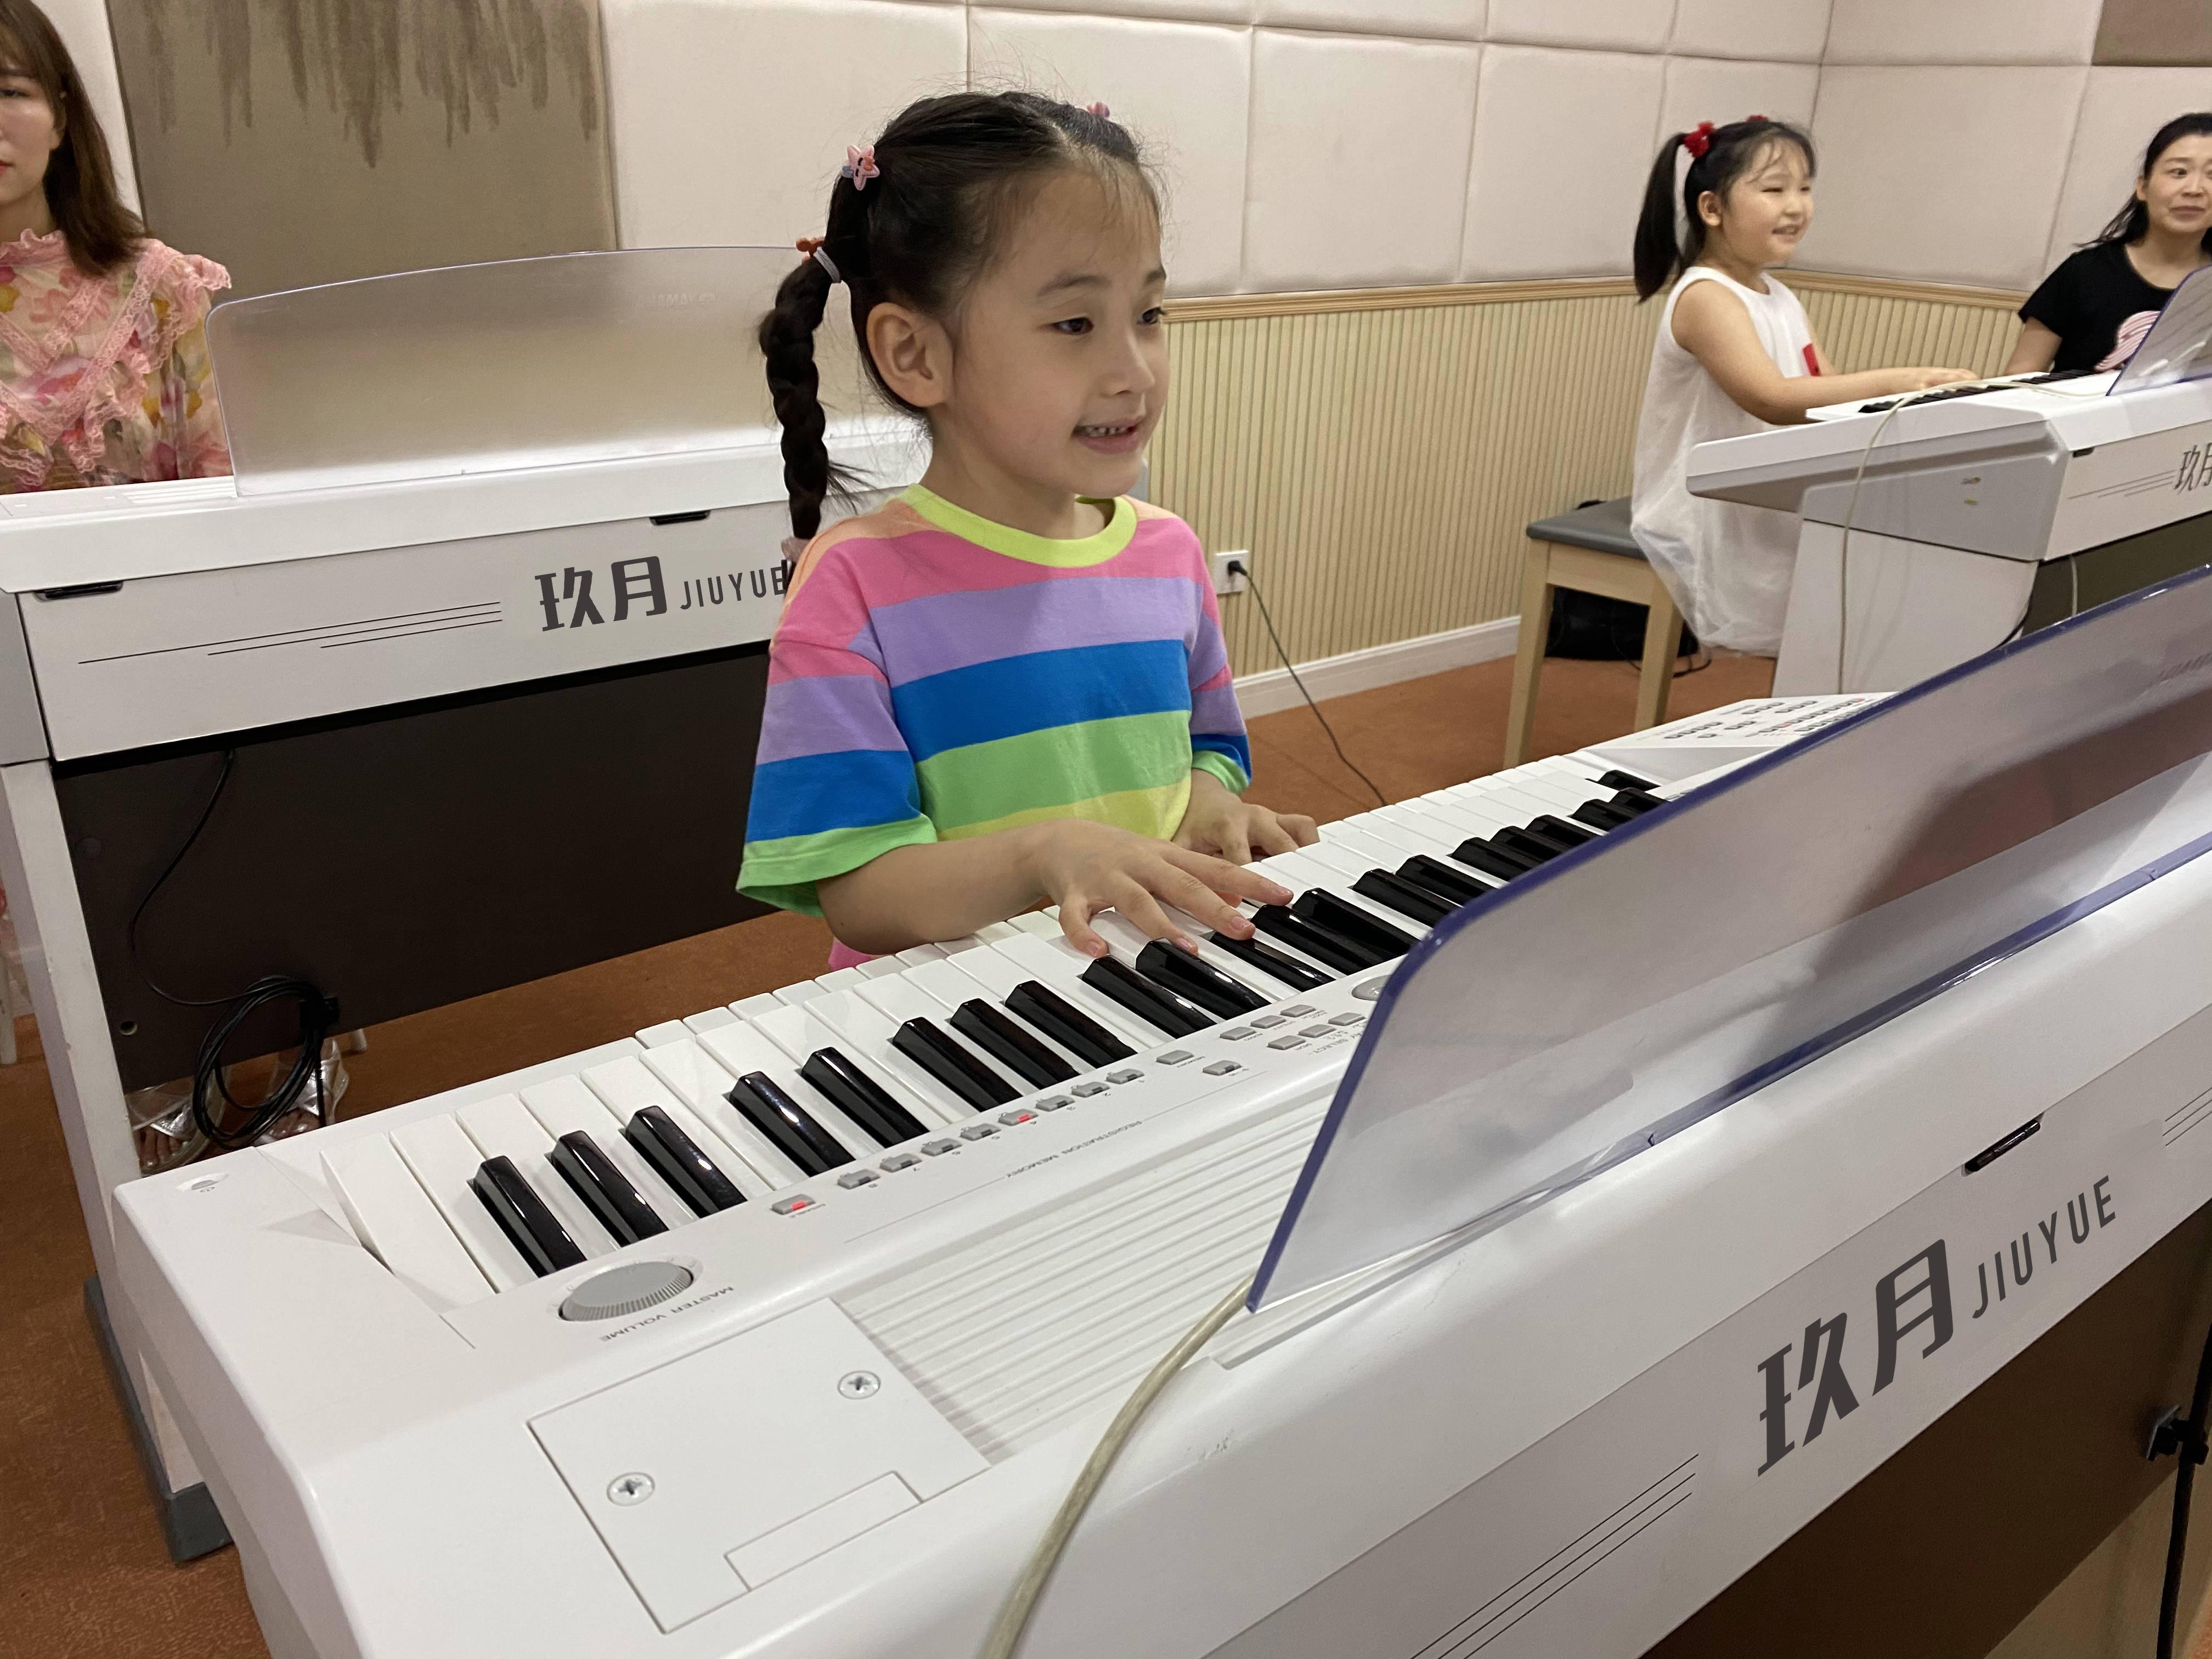 双排键作为儿童音乐启蒙乐器的破冰话术,你掌握了吗?